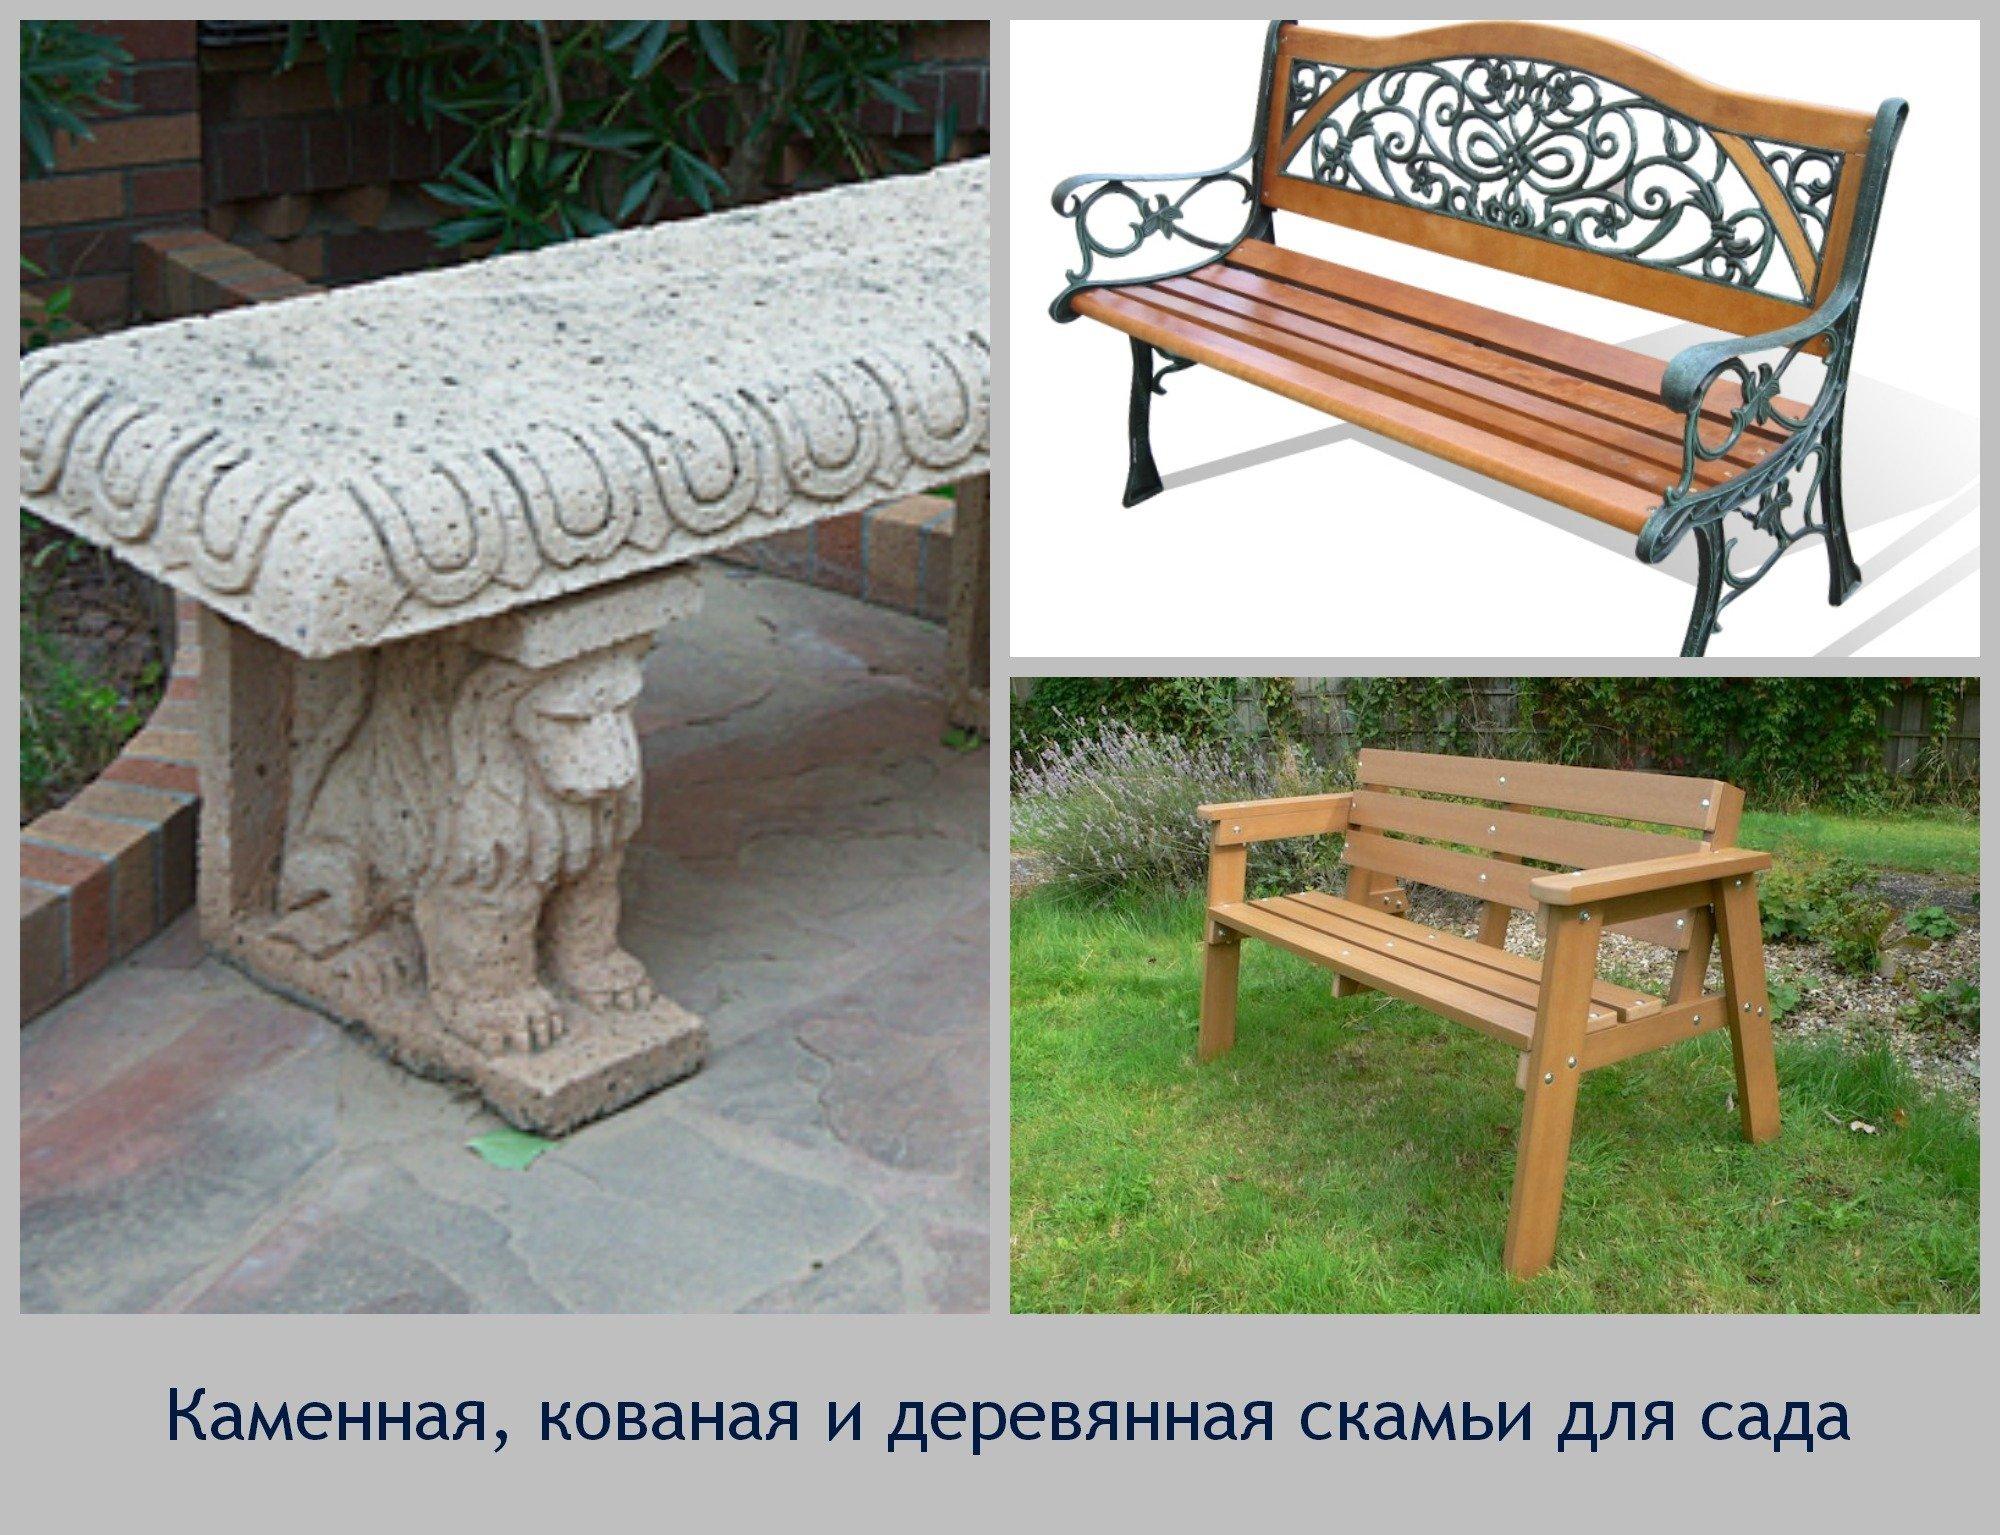 Оригинальные садовые скамейки своими руками фото чертежи